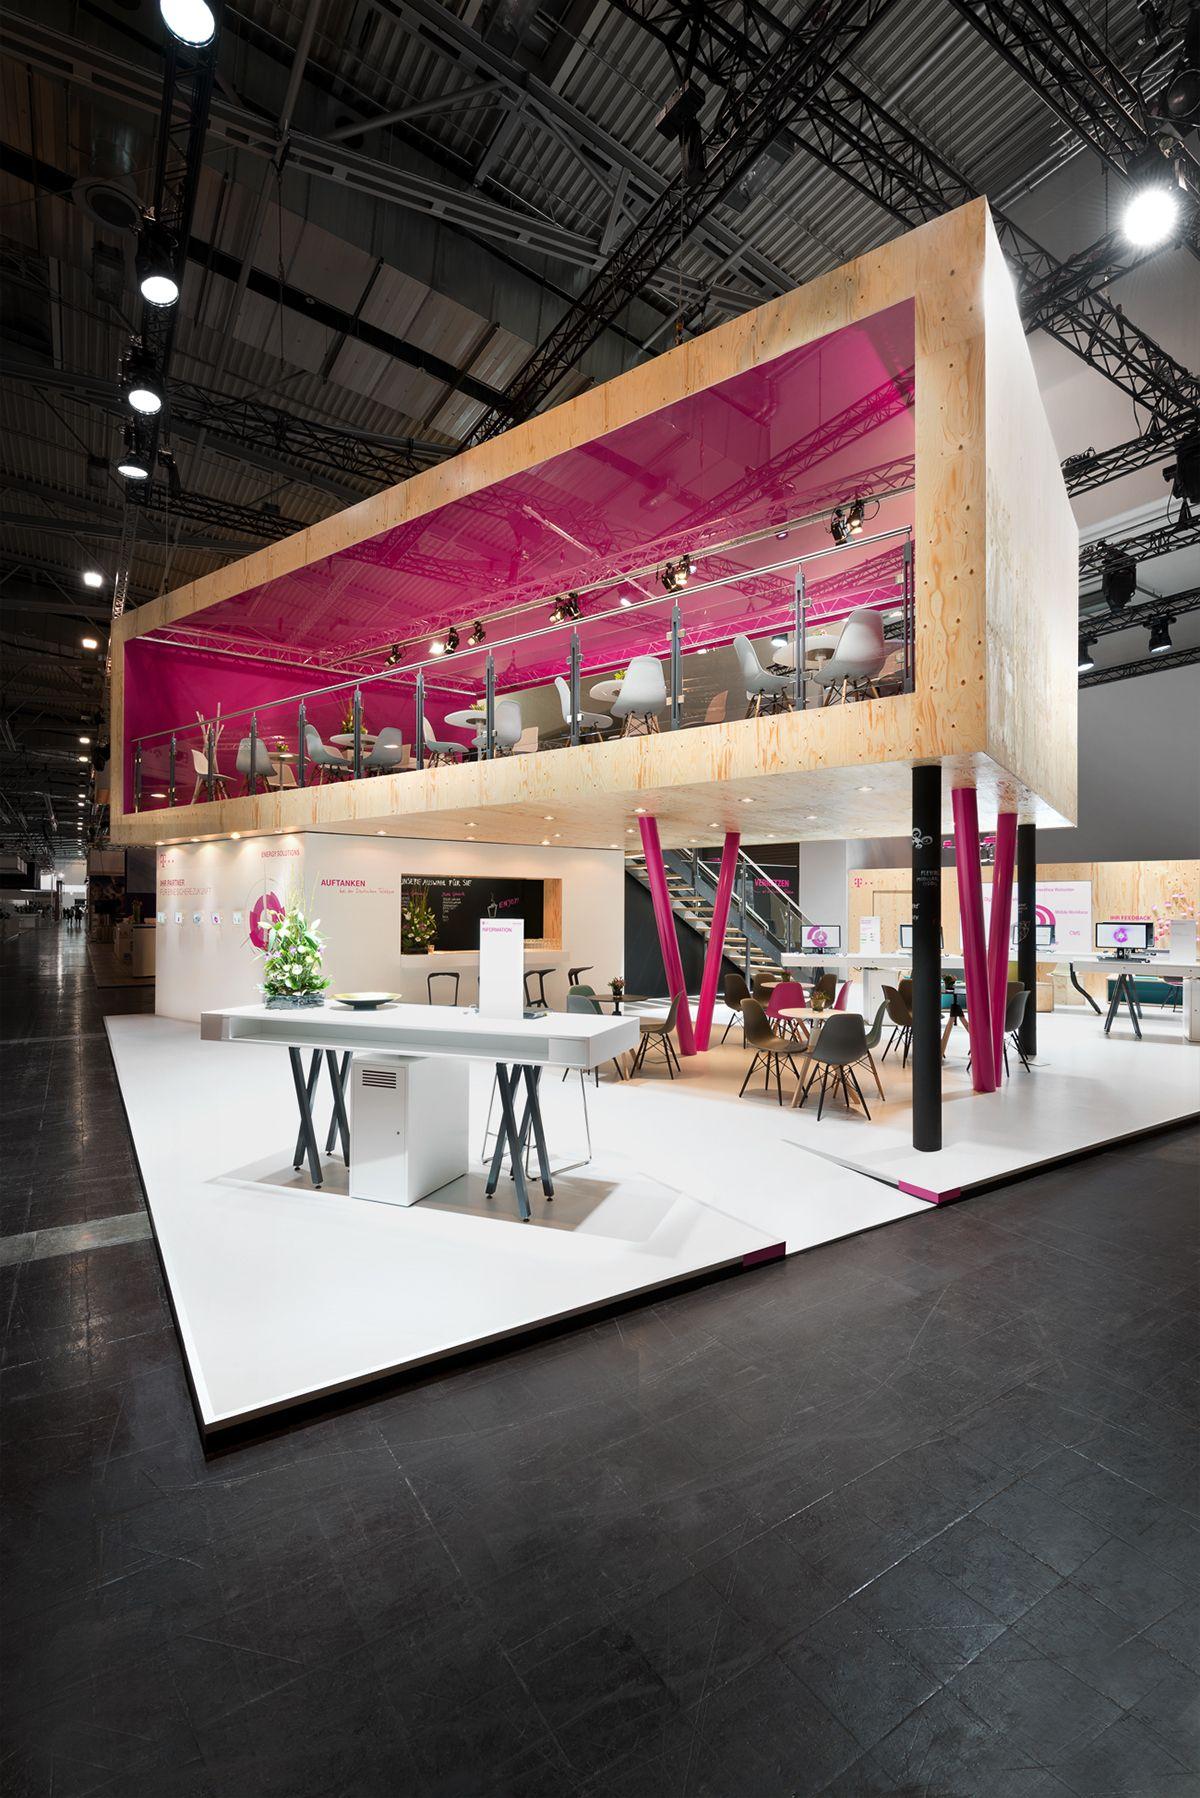 Exhibition Design Deutsche Telekom EWorld 2015 on